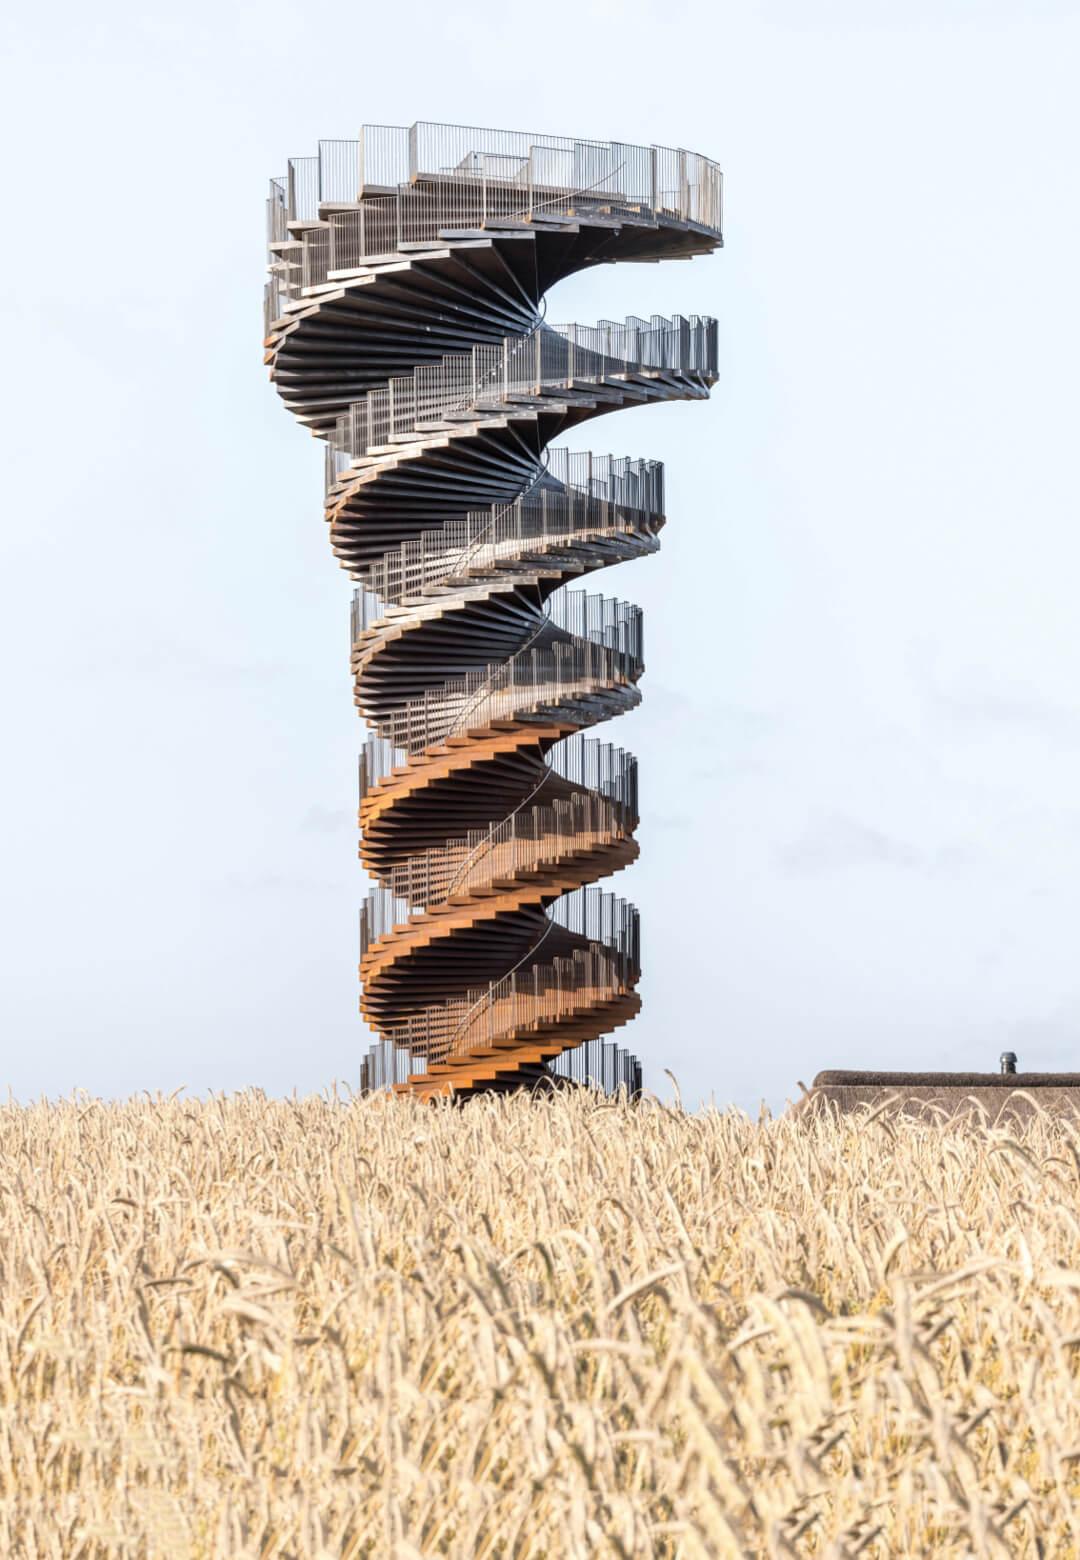 BIG's helical Marsk Tower is designed as a unique vantage point and a sculptural landmark in Denmark   Marsk Tower   Bjarke Ingels Group   STIRworld